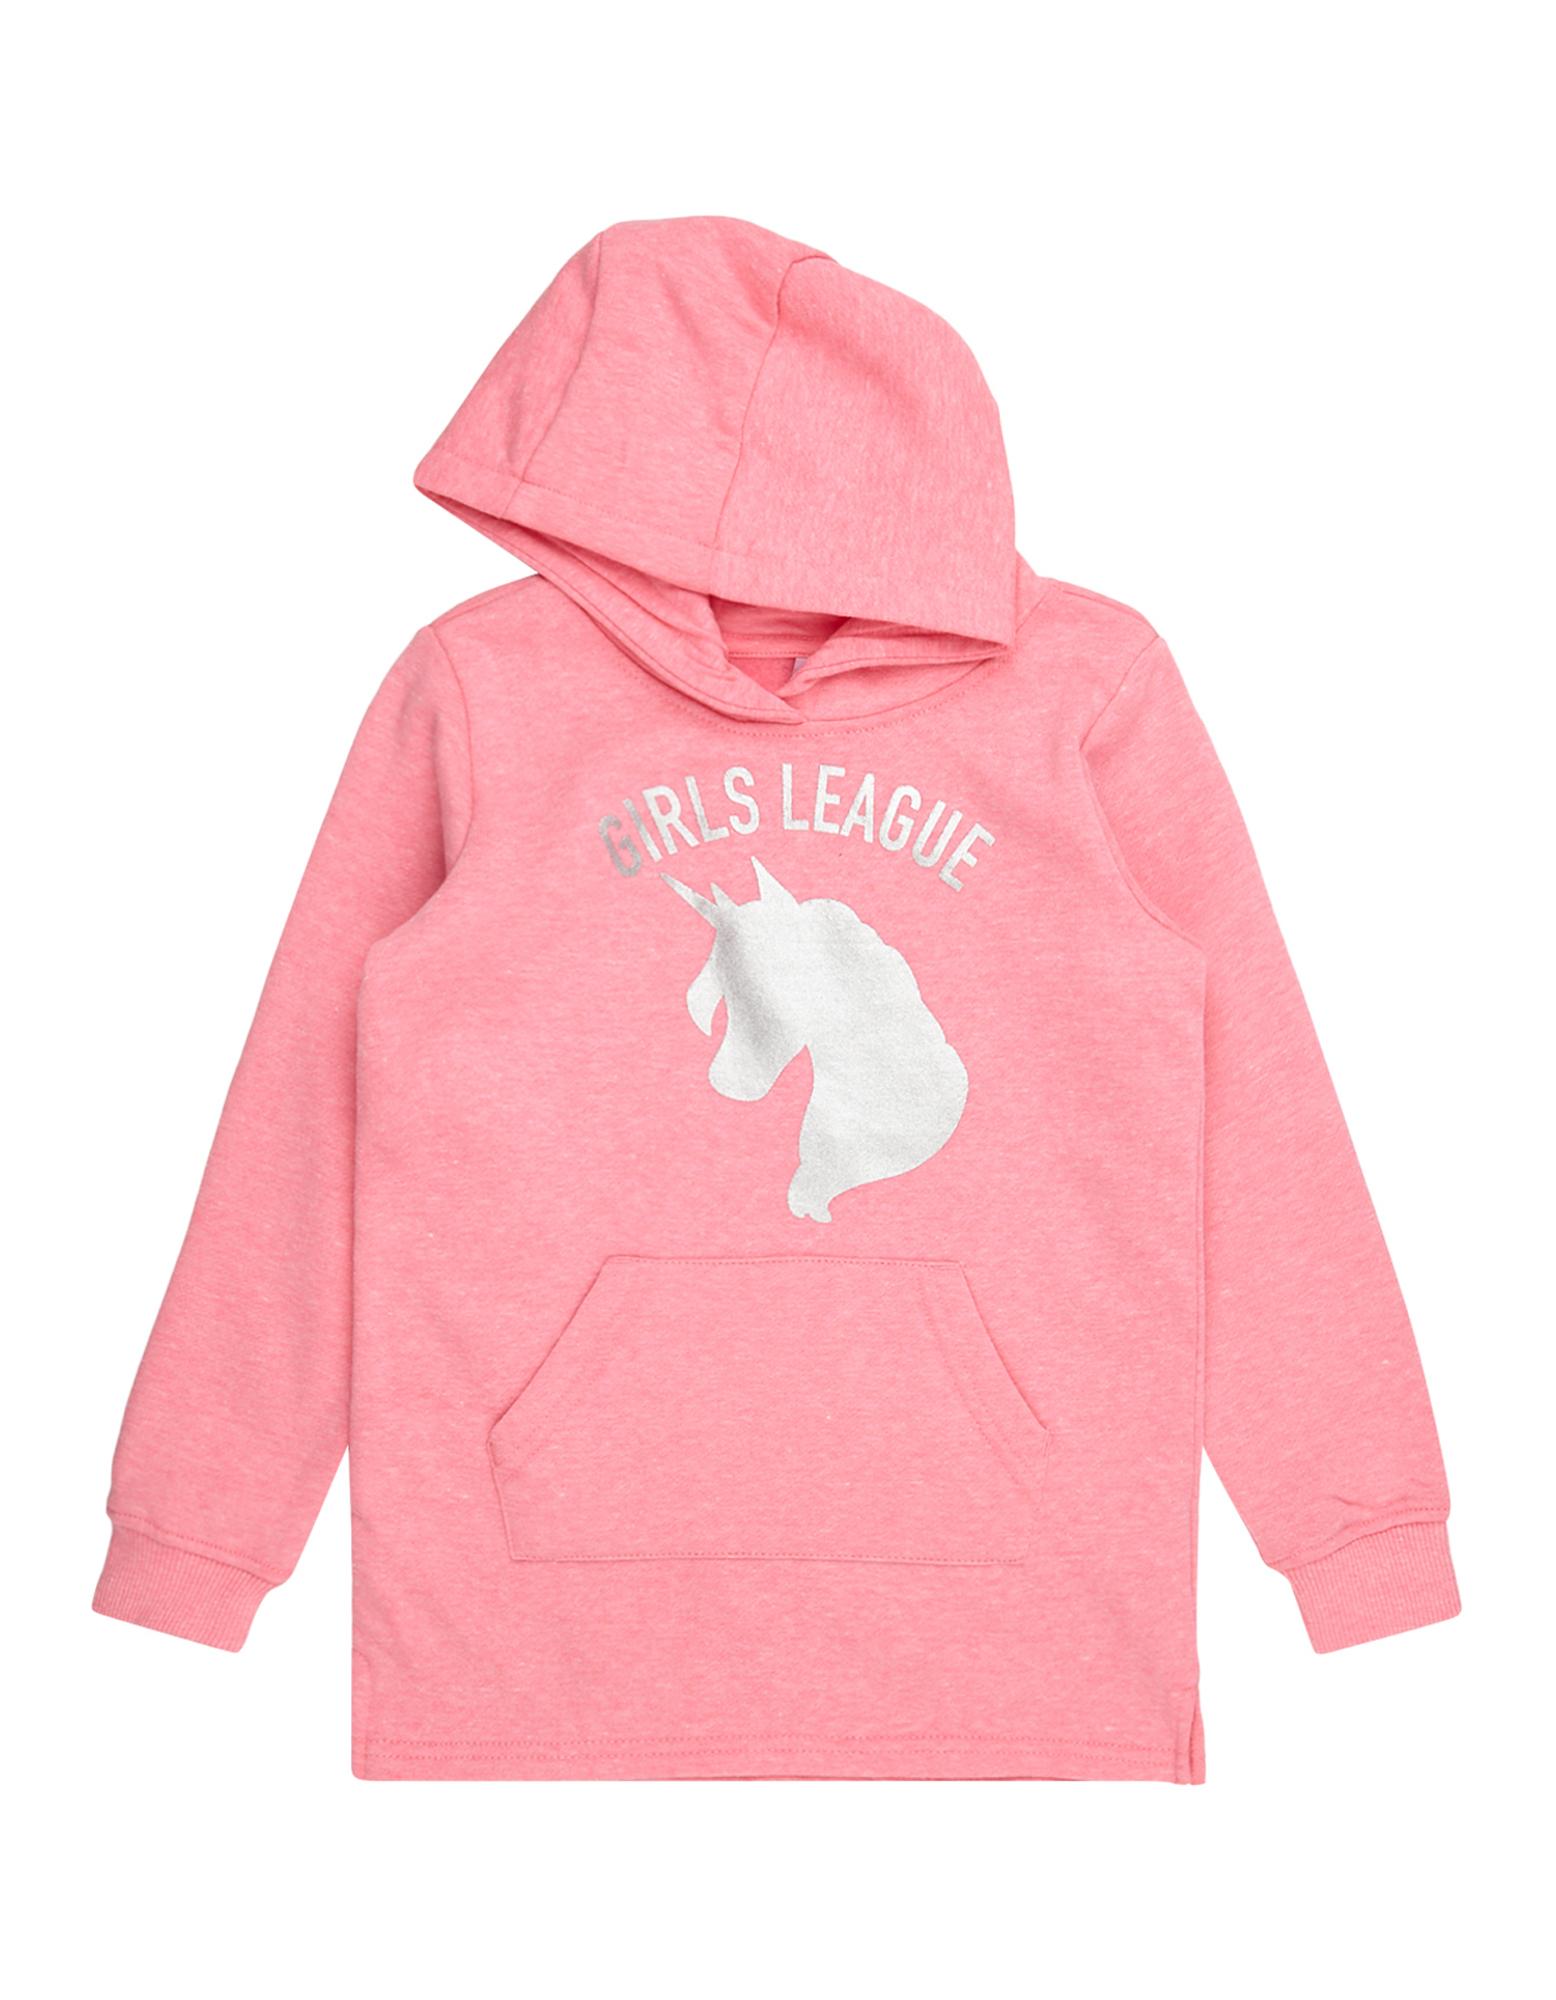 Mädchen Sweatshirt mit Kapuze und Print  | 81512404420704